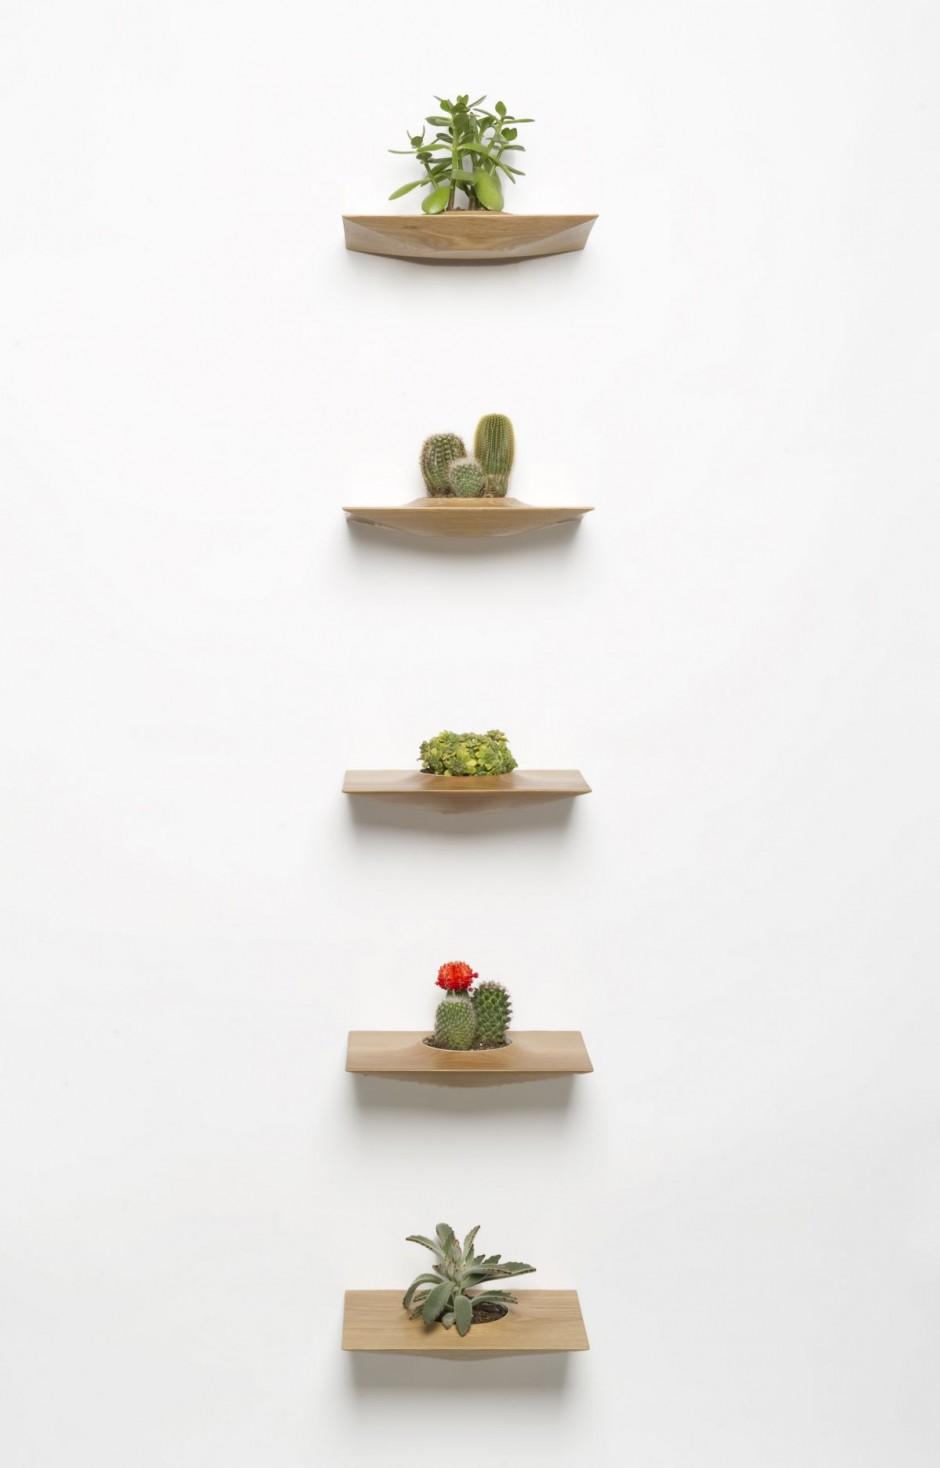 Plantas en la pared por domenic fiorello - Macetas de pared ...